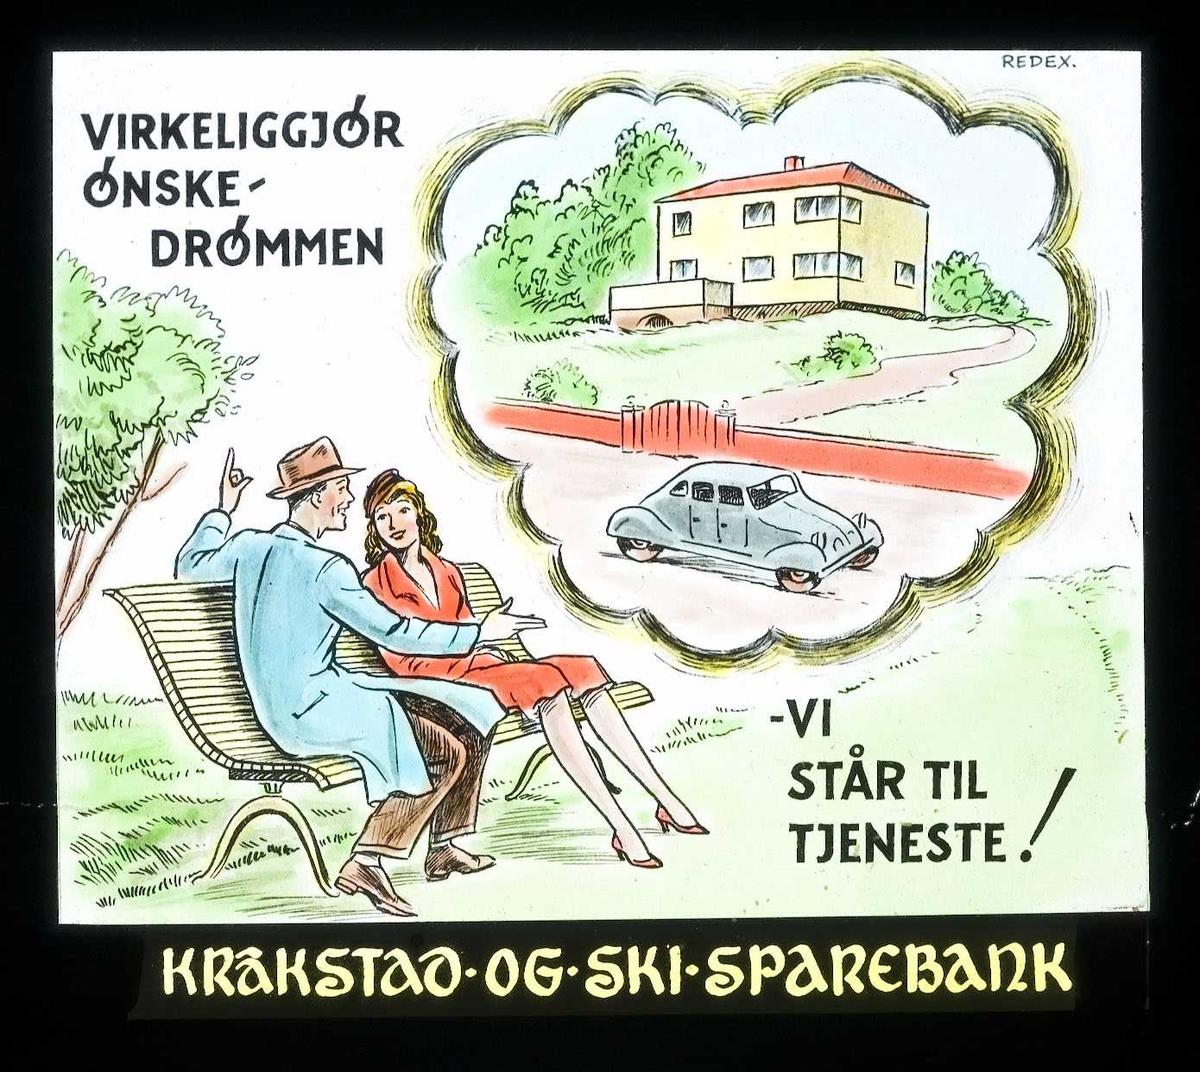 Kinoreklame fra Ski for Kråkstad og  Ski sparebank. Virkeliggjør ønskedrømmen - vi står til tjeneste!